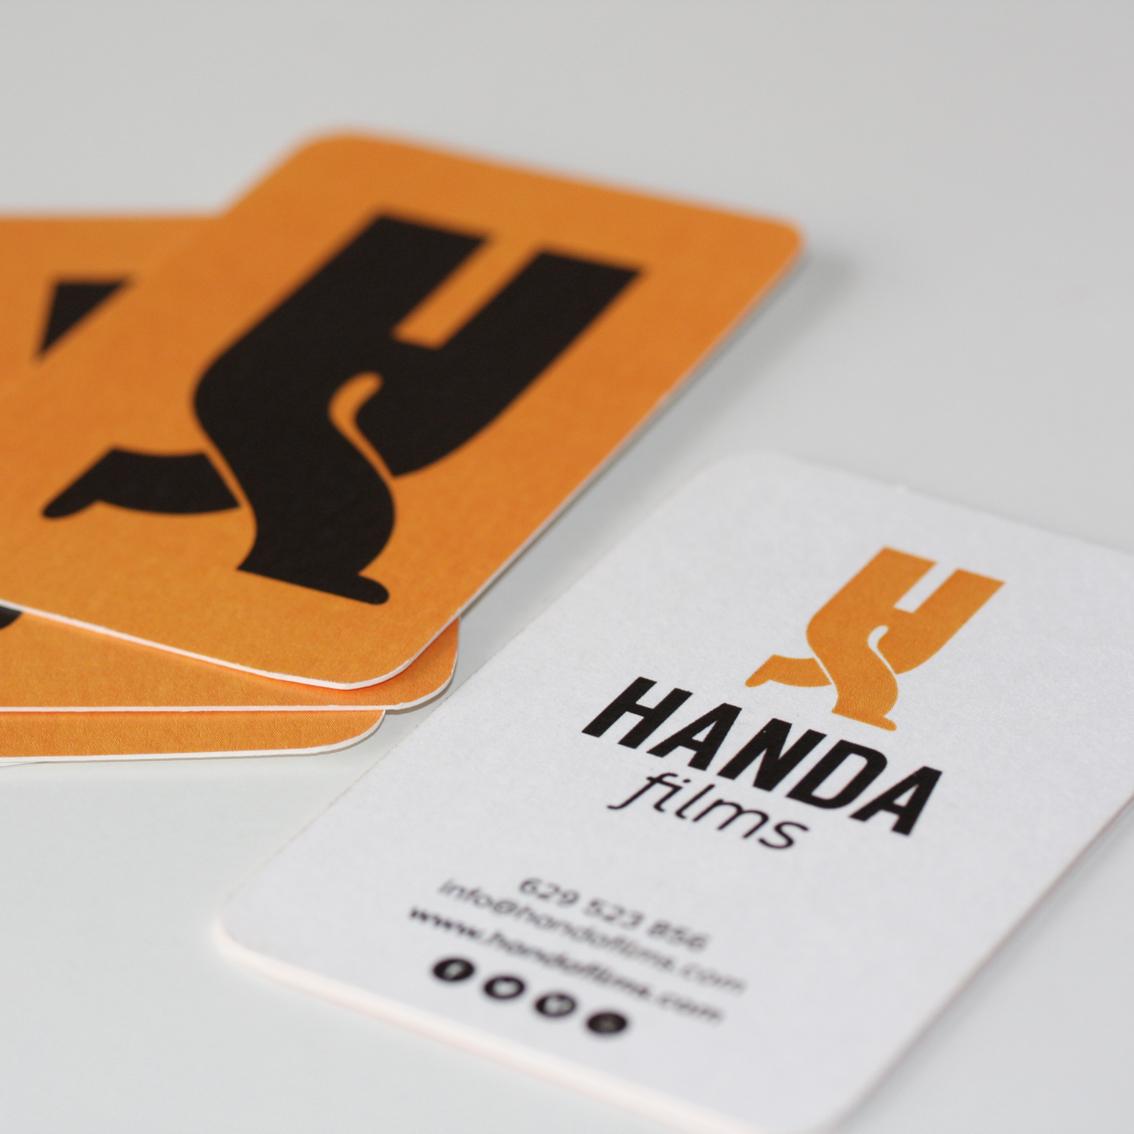 Daniel Diosdado: HandaFilms